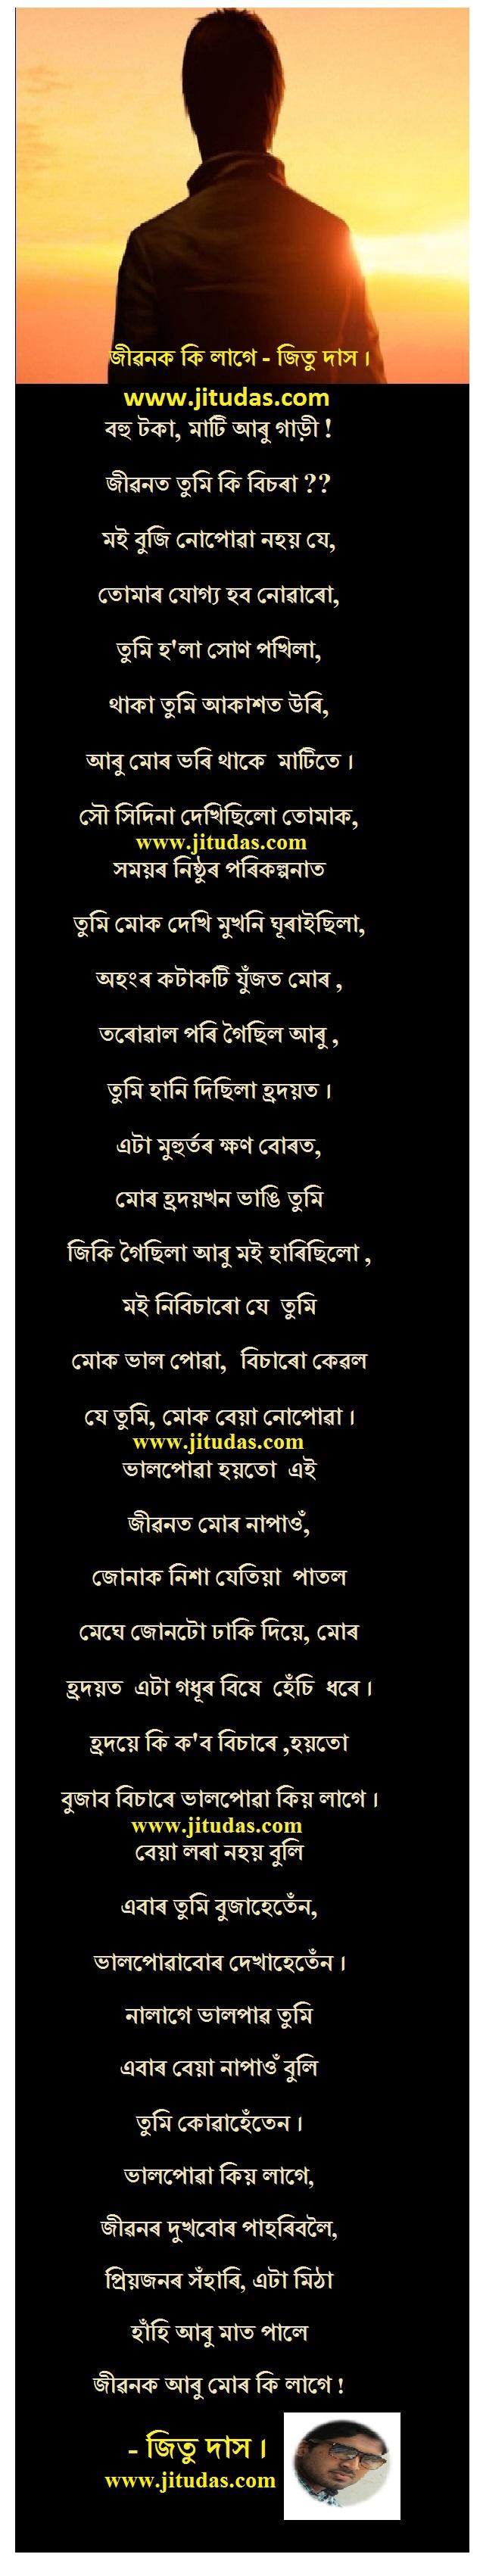 Assamese sad love poem and Shayari ( জীৱনক কি লাগে ? ) by Jitu Das Poems 2017